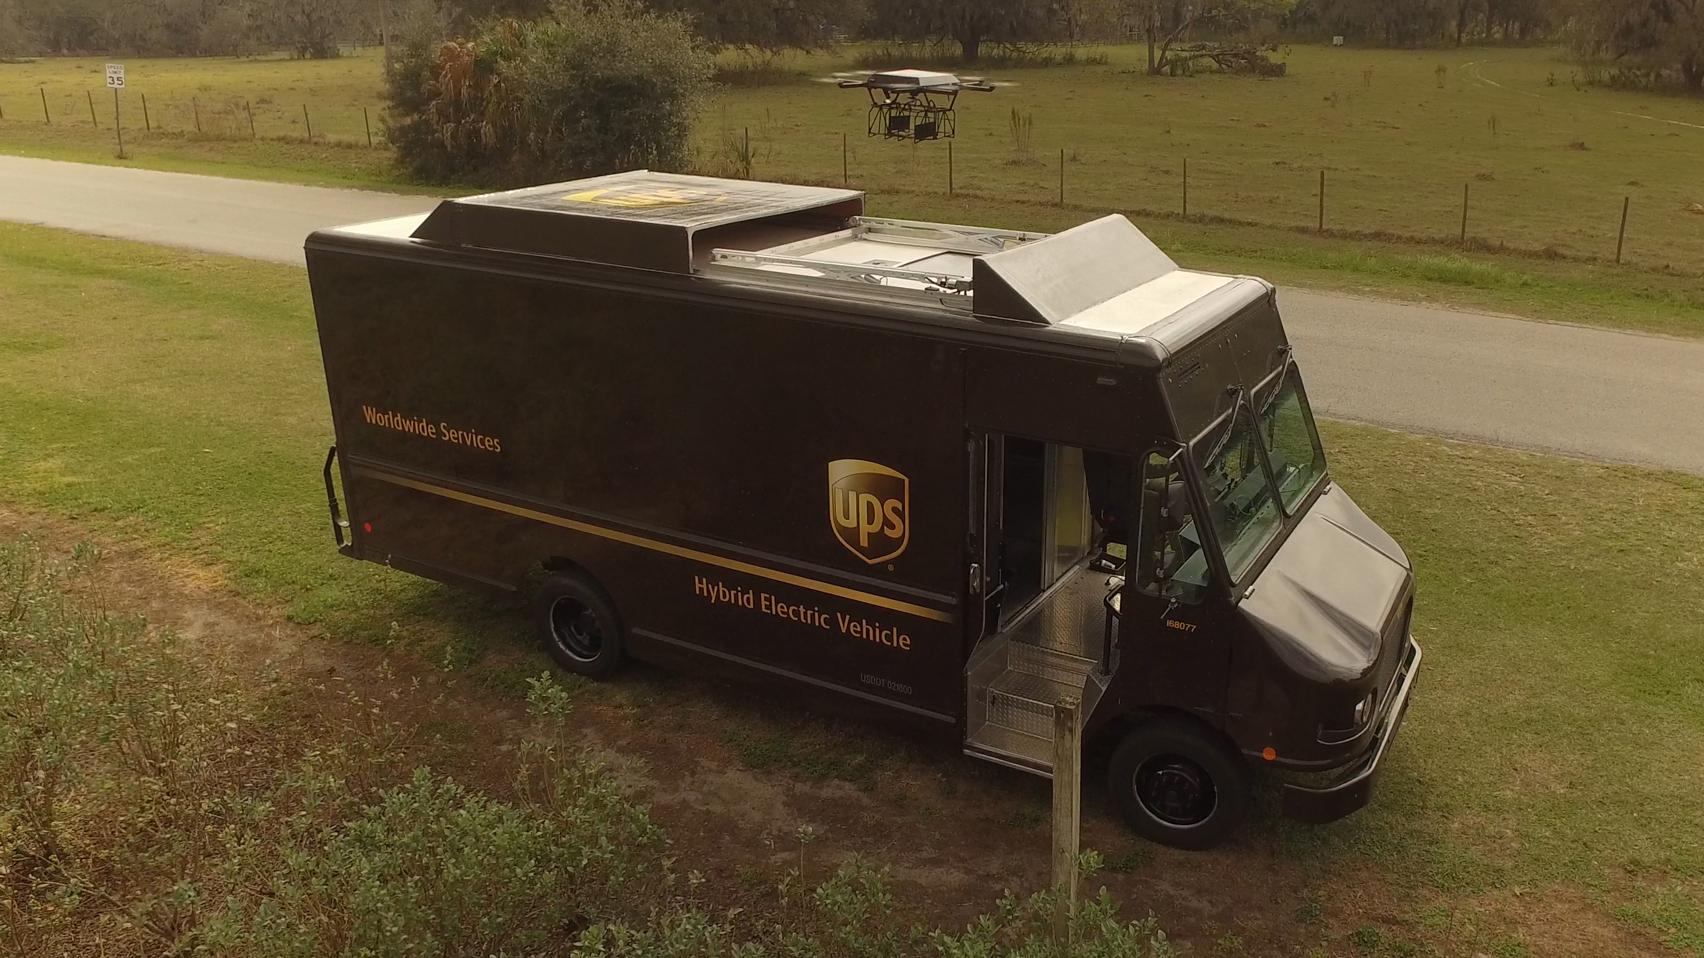 ups drone truck ile ilgili görsel sonucu